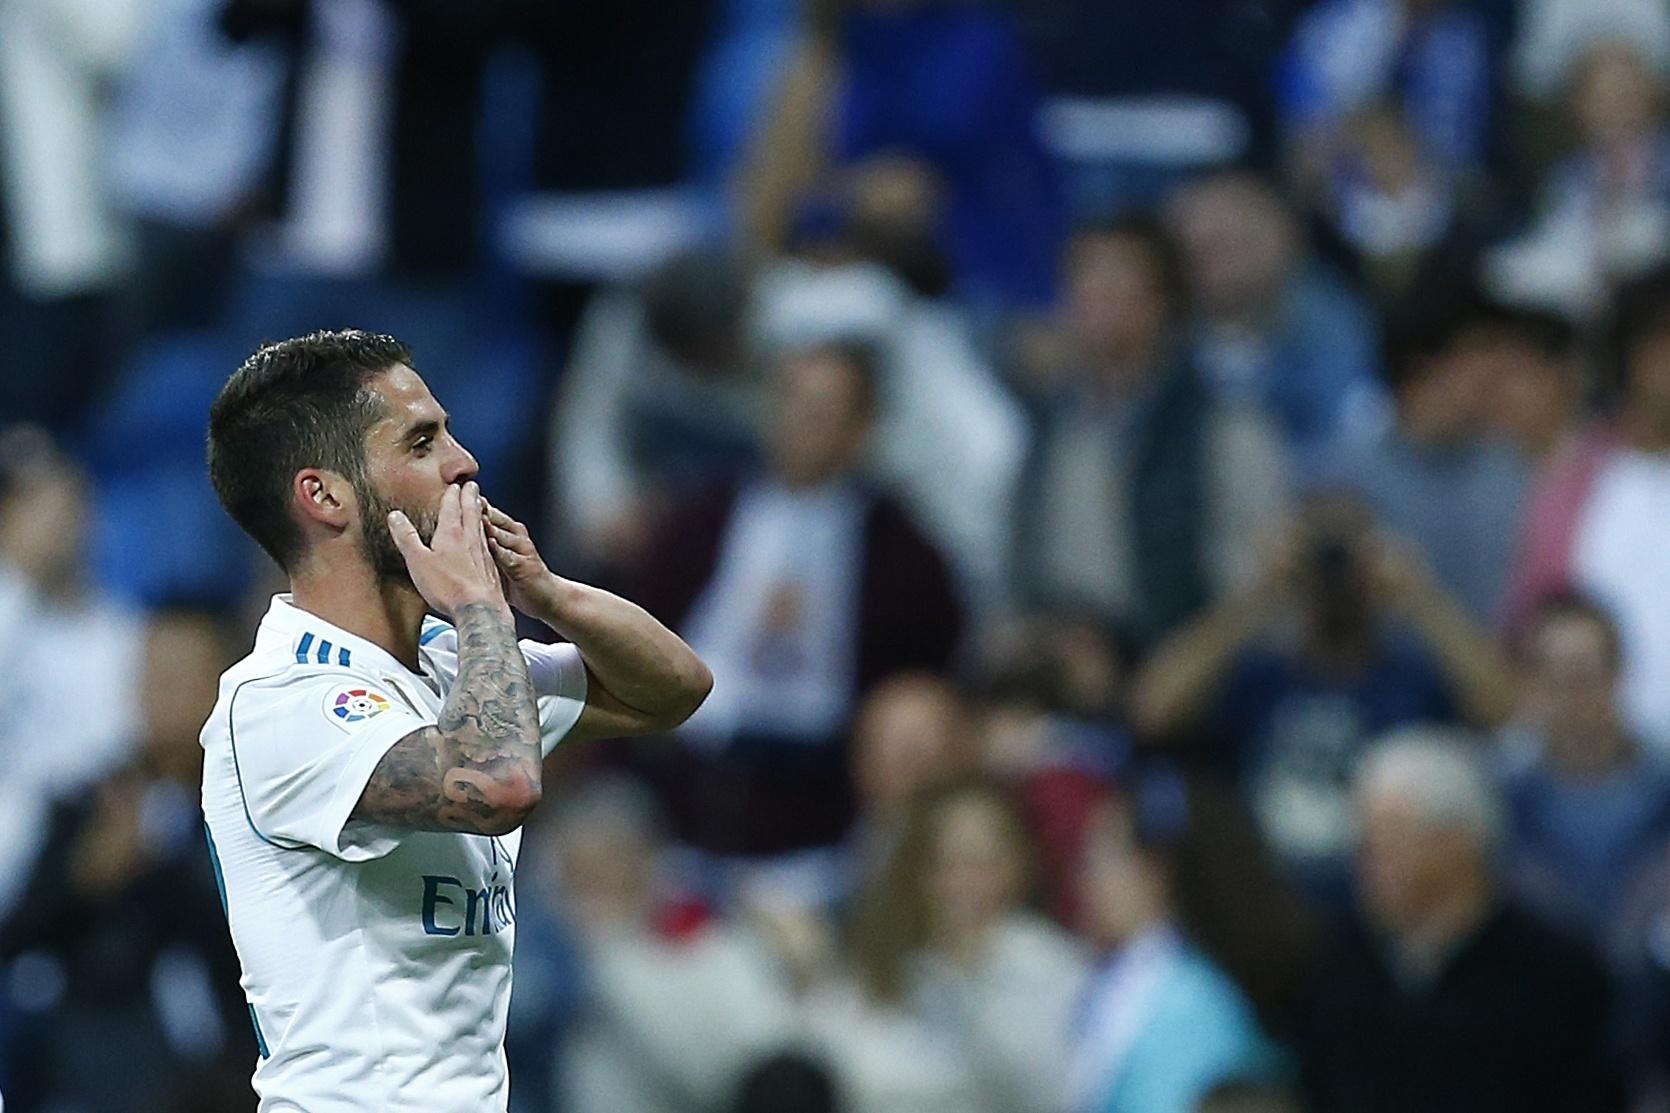 Isco comemora após marcar o terceiro gol do Real Madrid contra o Celta